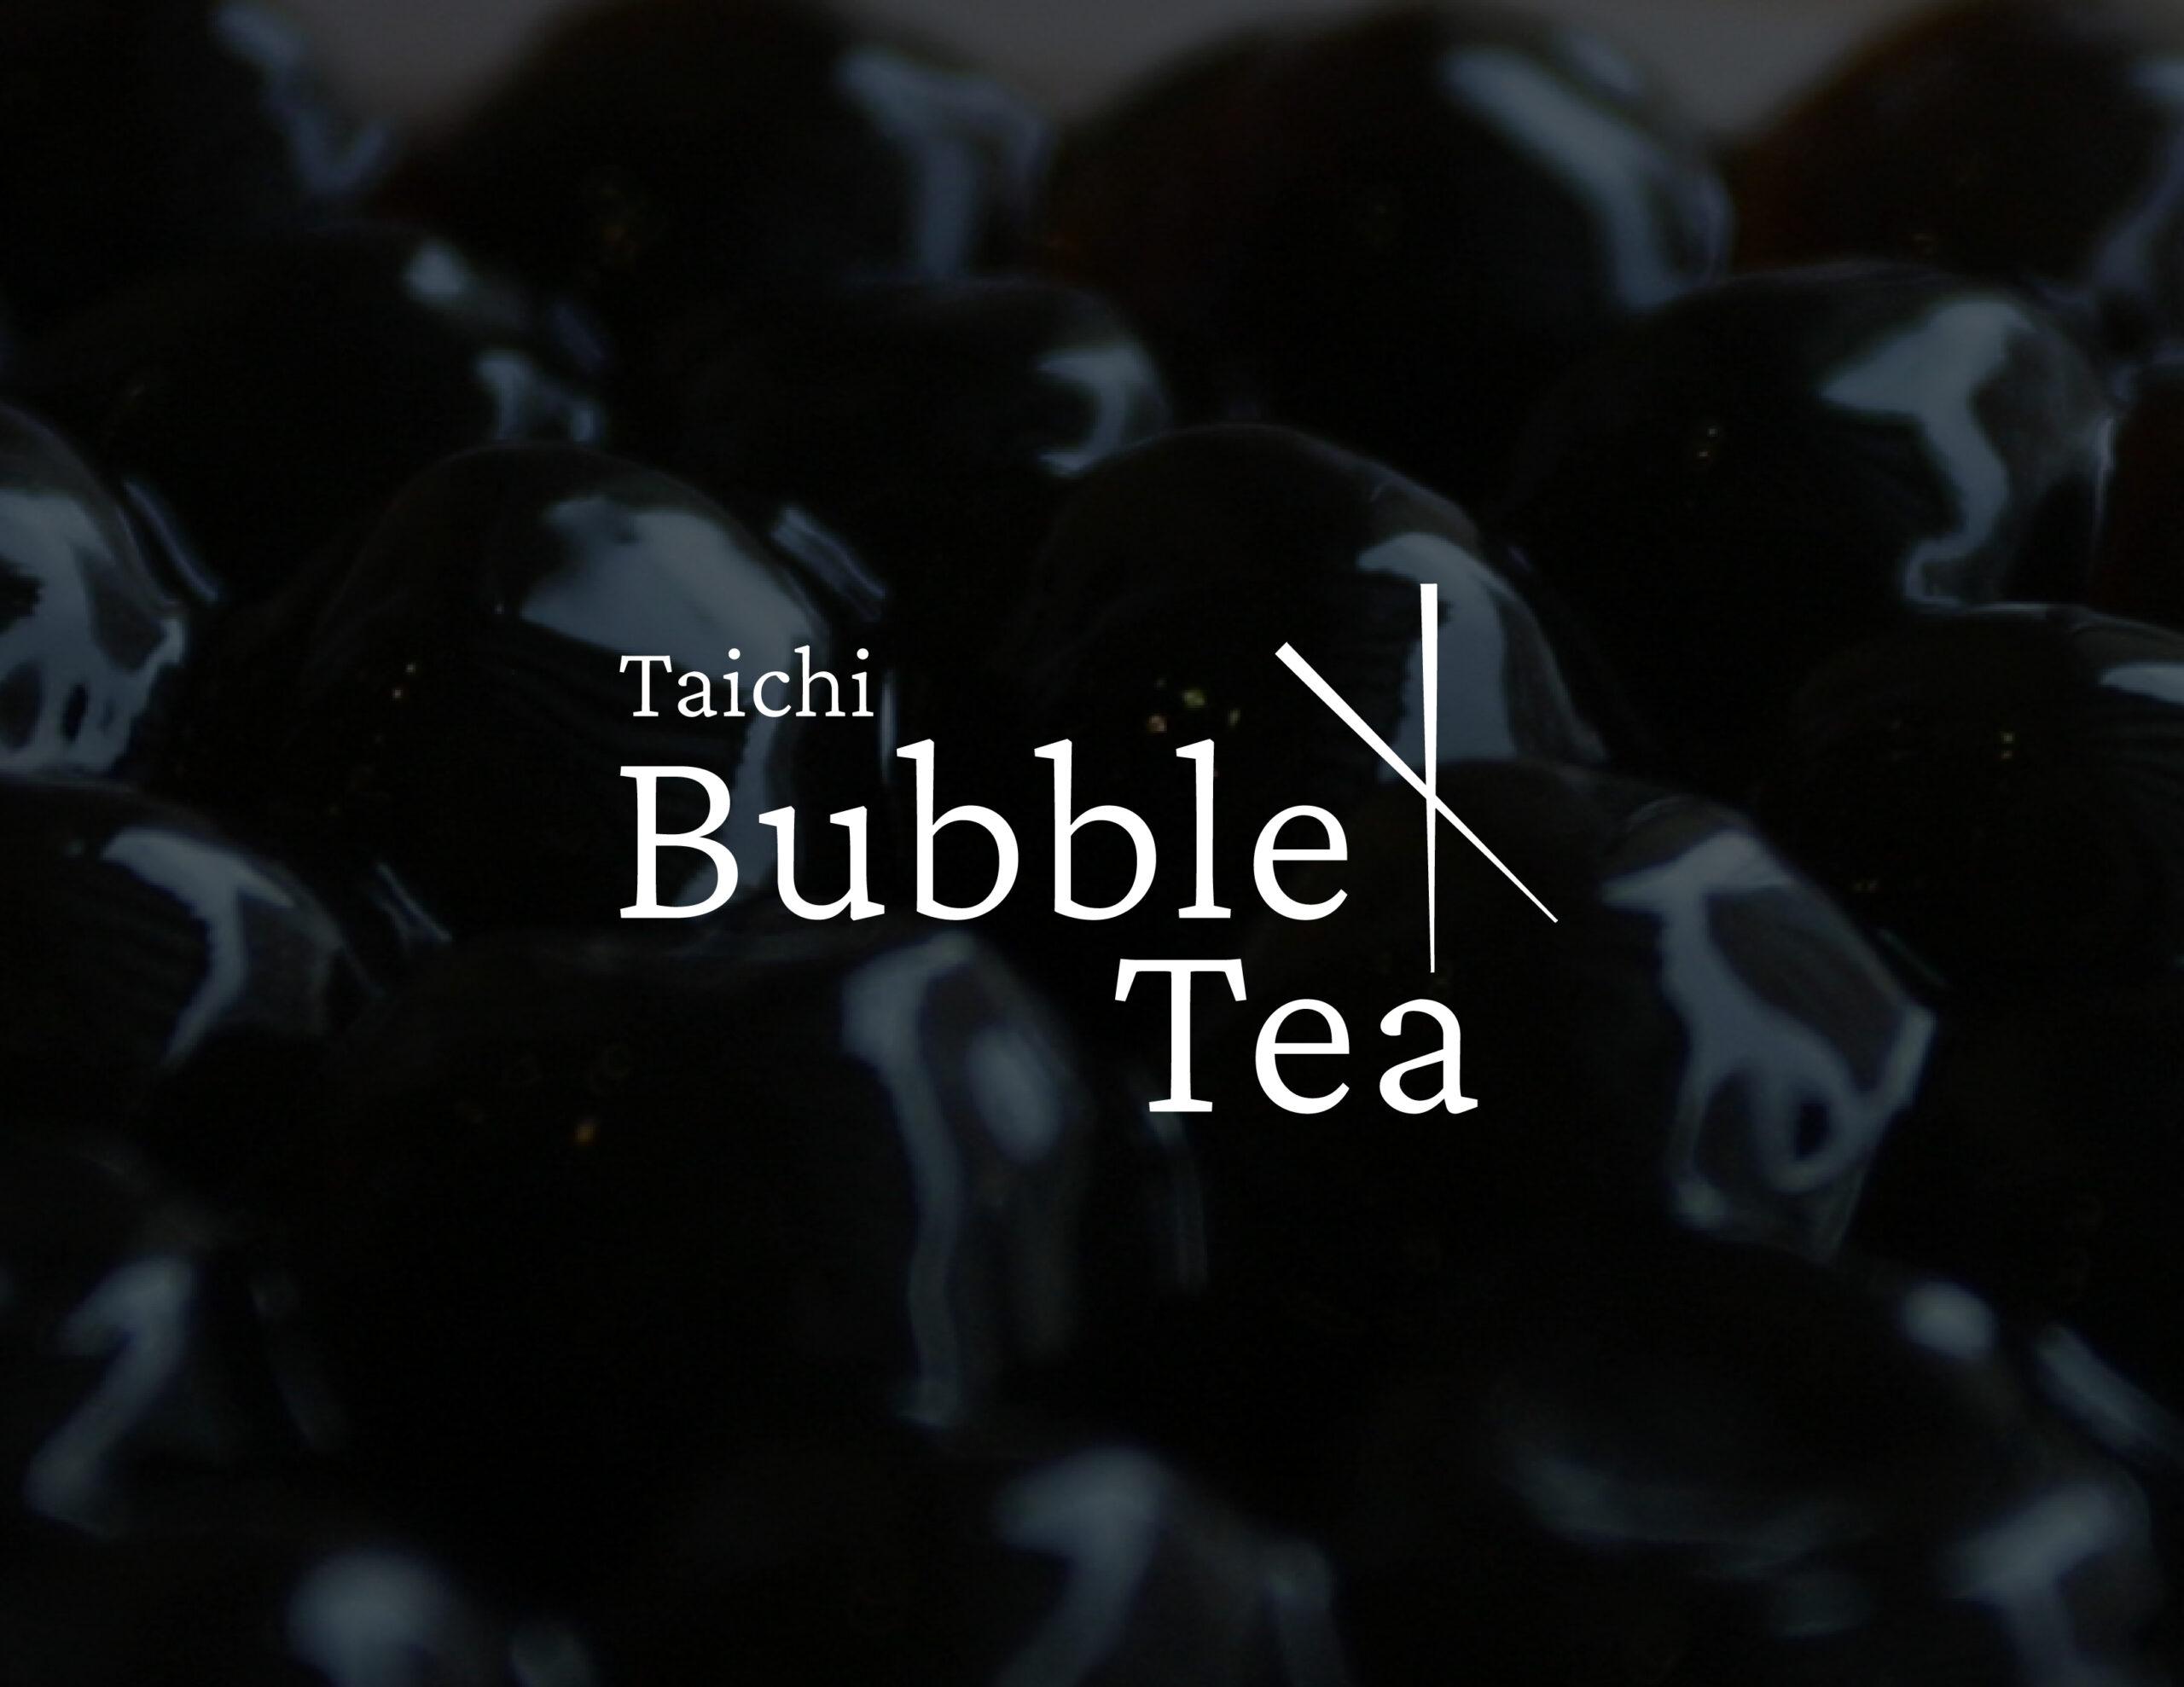 Tai chi Bubble Tea